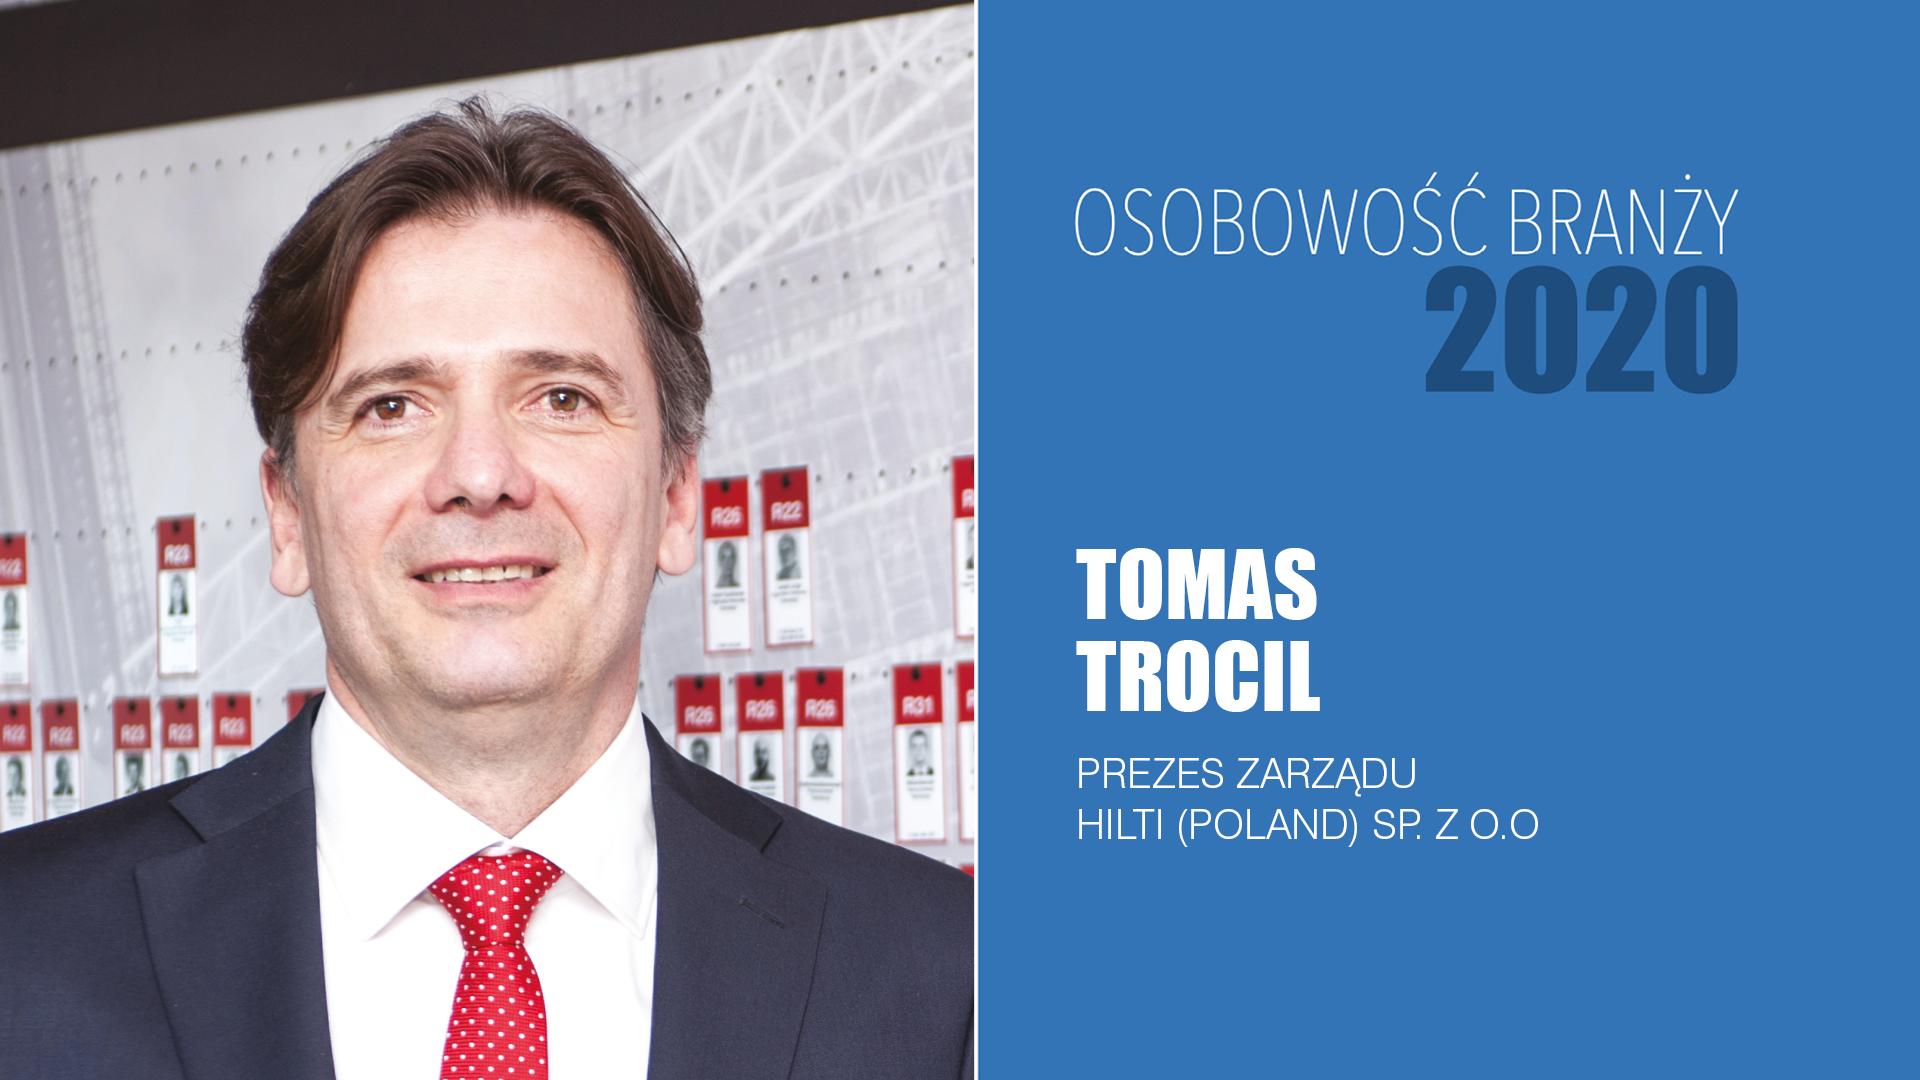 TOMAS TROCIL – Osobowość Branży 2020